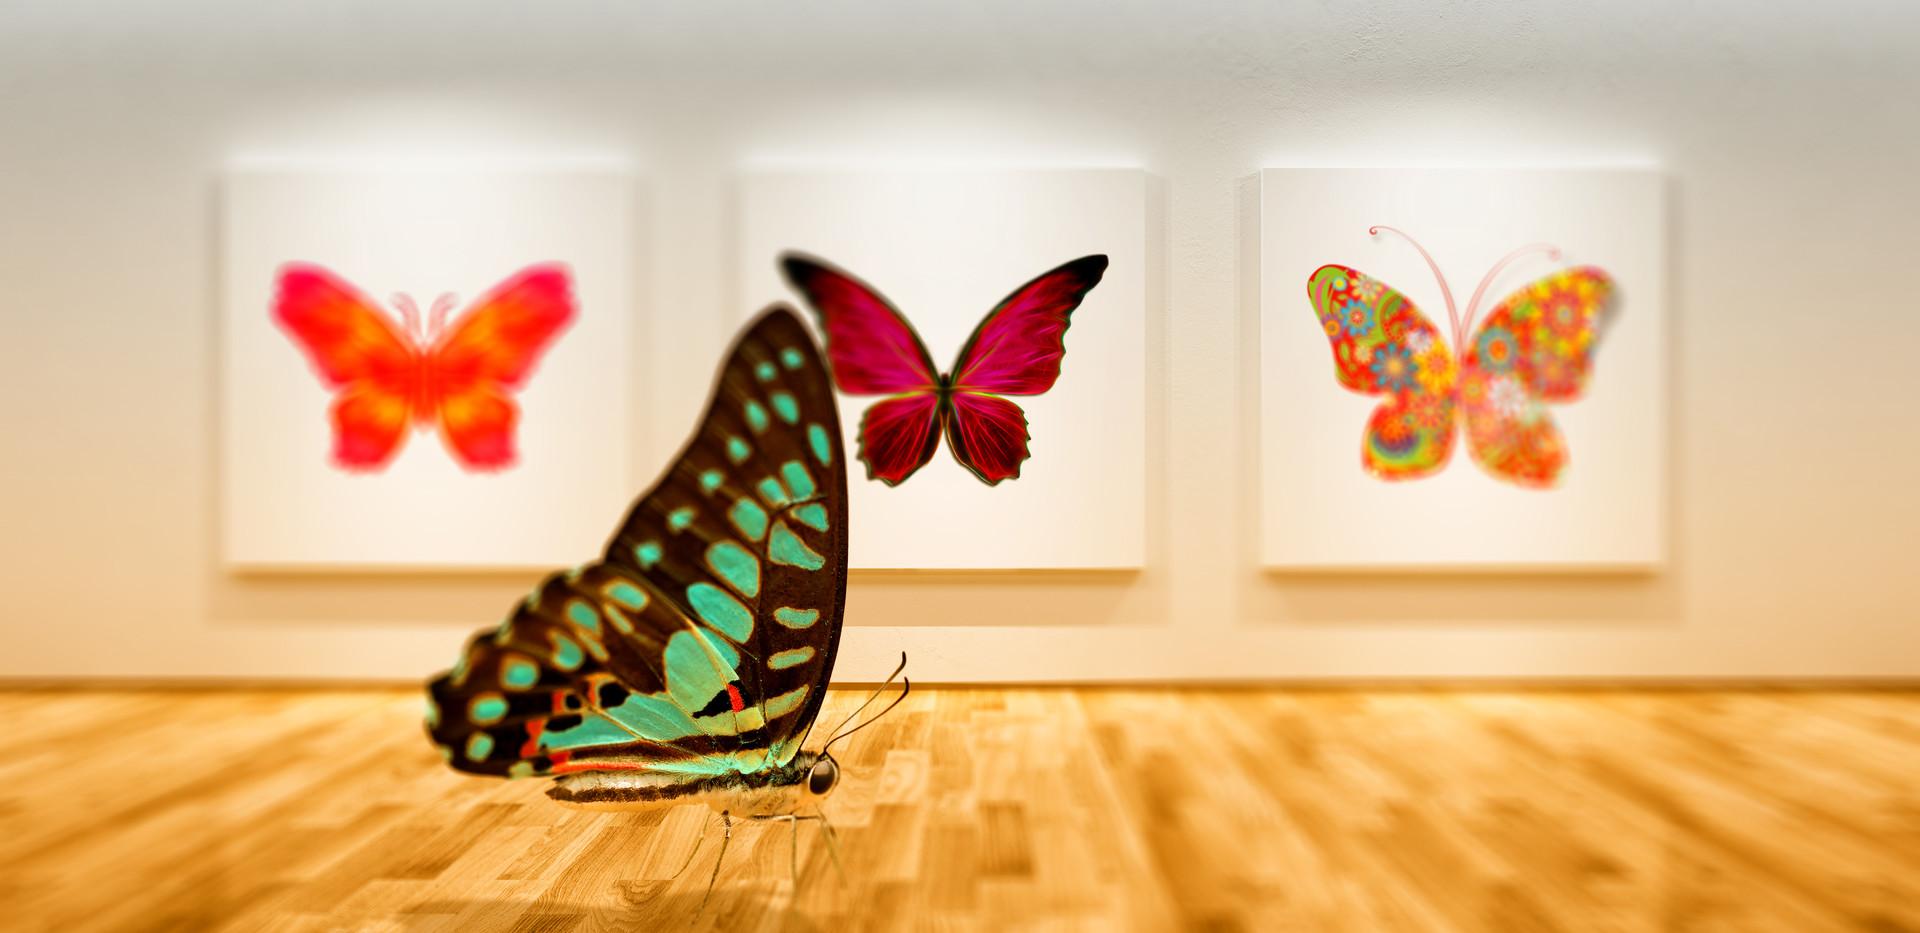 Butterfly Art Exhibit Orange.jpg